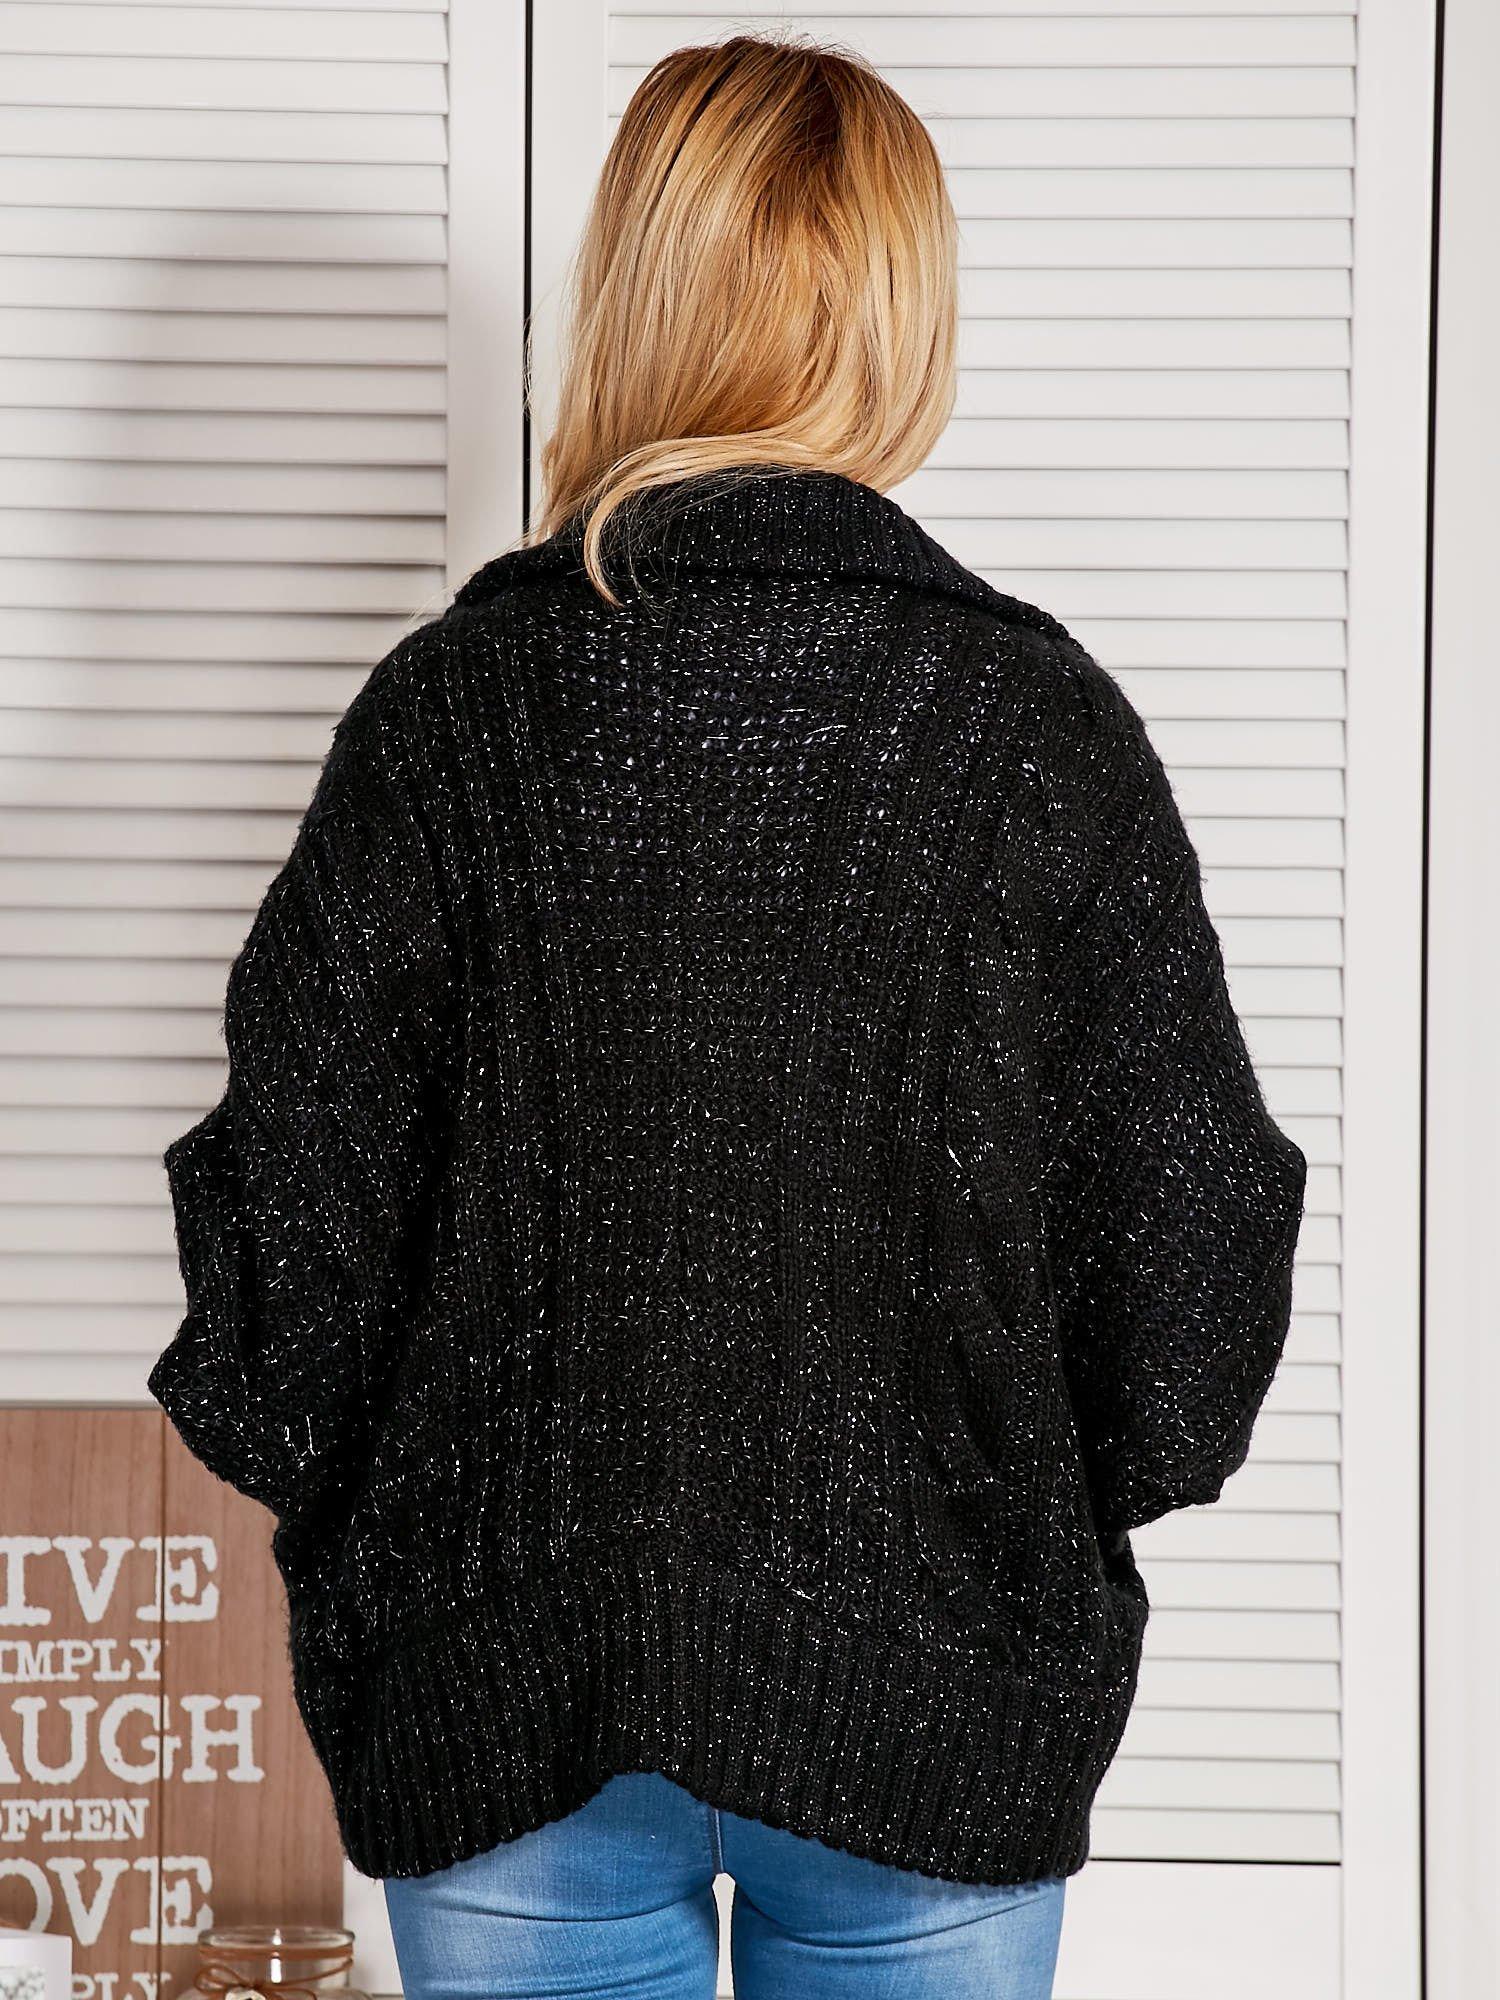 Czarny dziergany sweter typu kardigan przeplatany błyszczącą nicią                                  zdj.                                  1